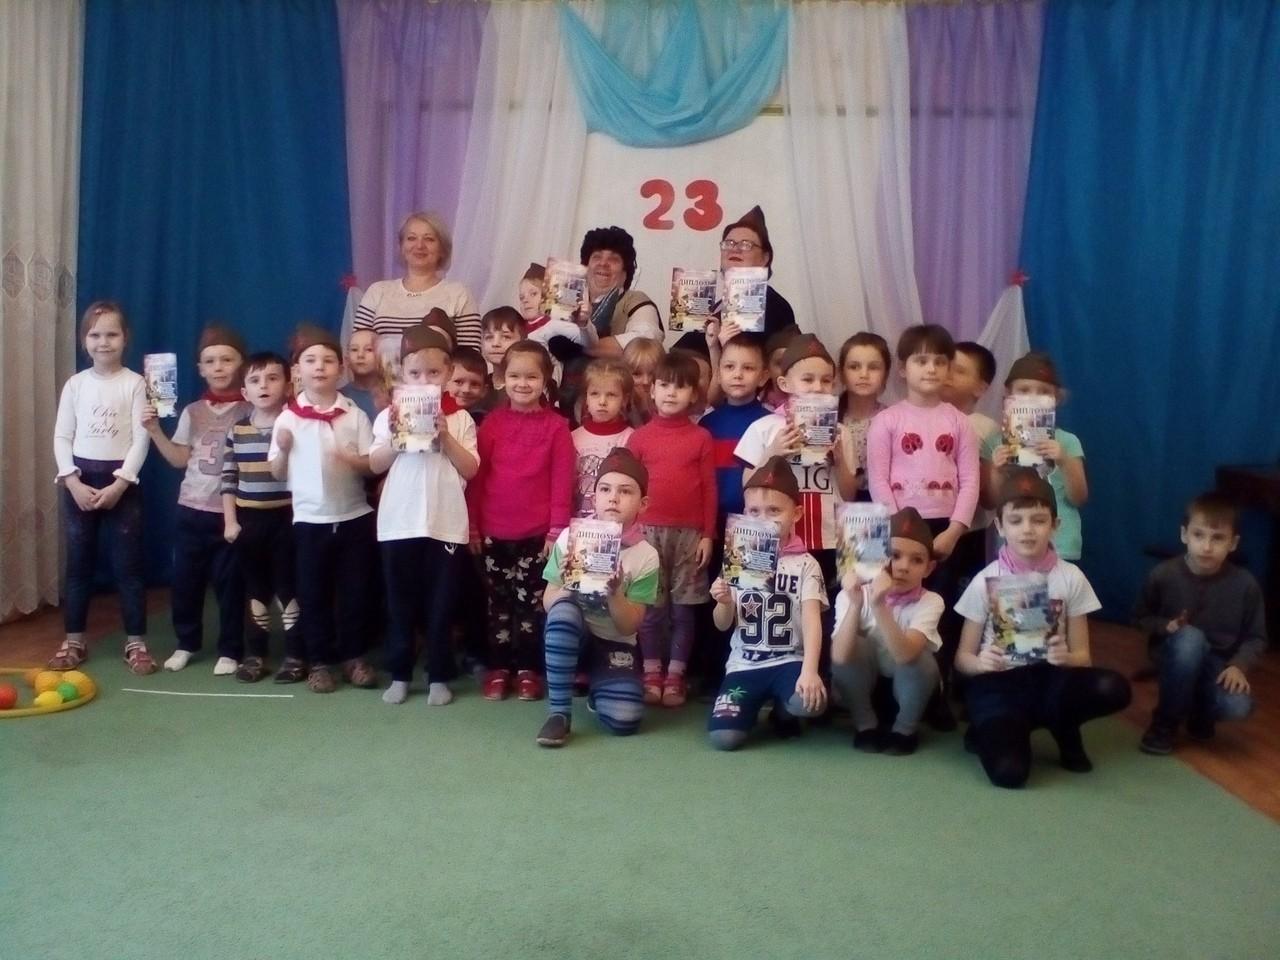 Спортивный праздник в рамках реализации социального проекта «Дружи со спортом с малых лет»